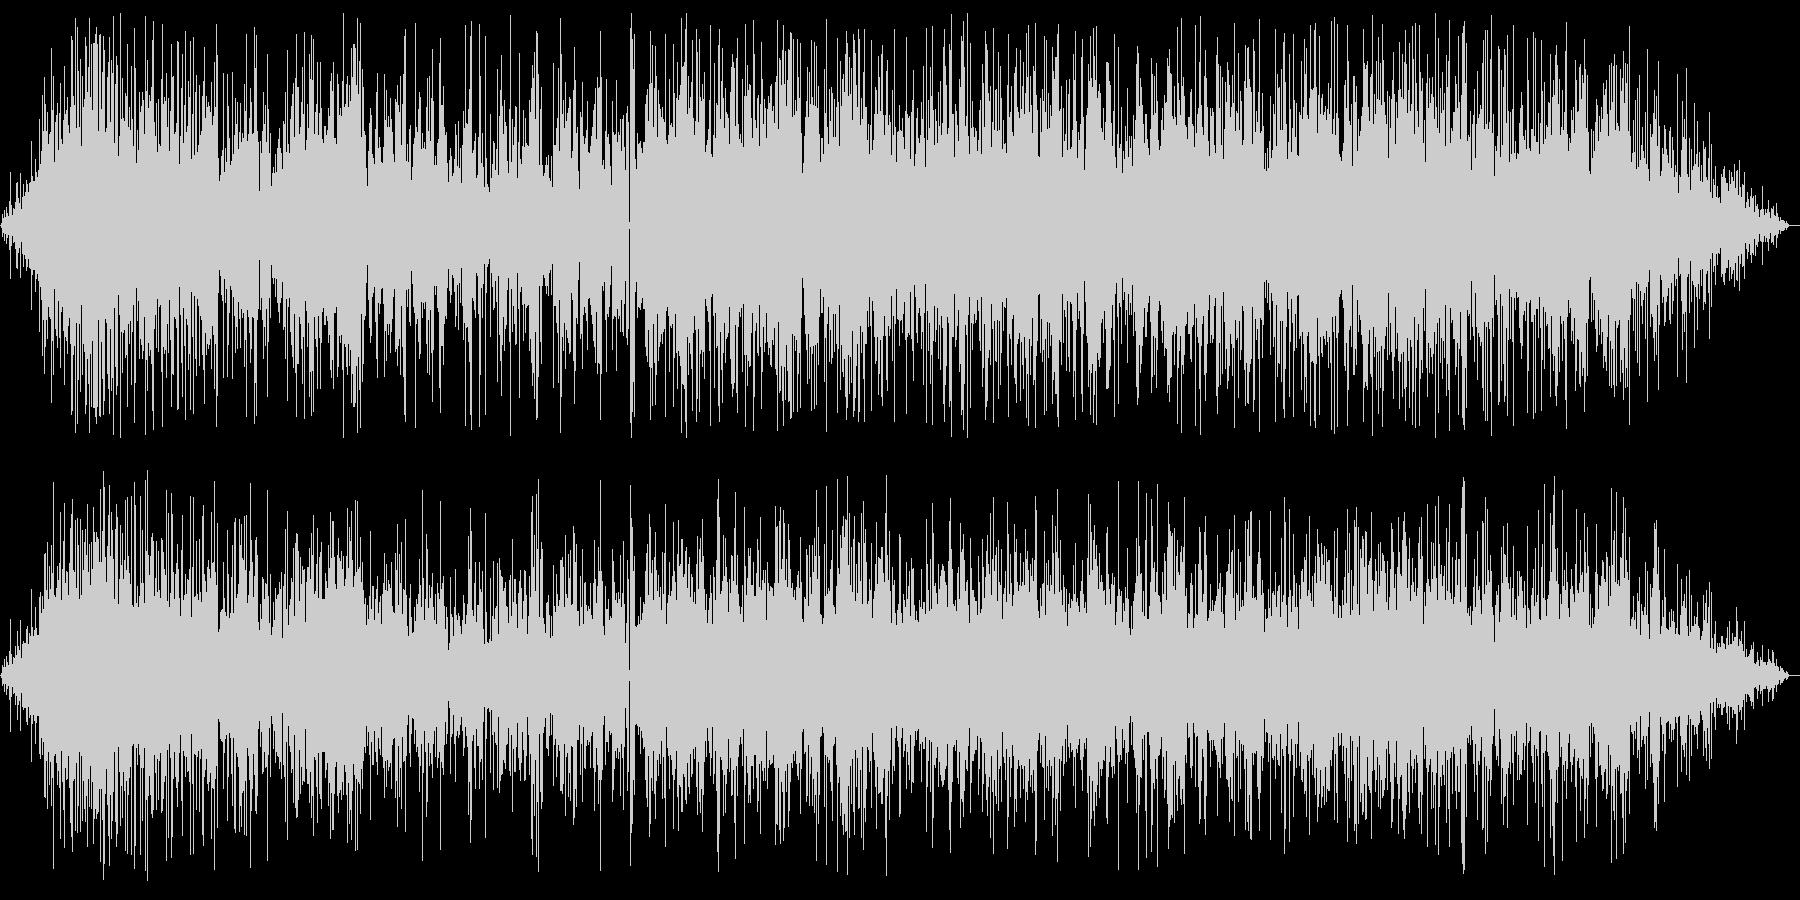 パチパチジュワー(揚げ物音)の未再生の波形